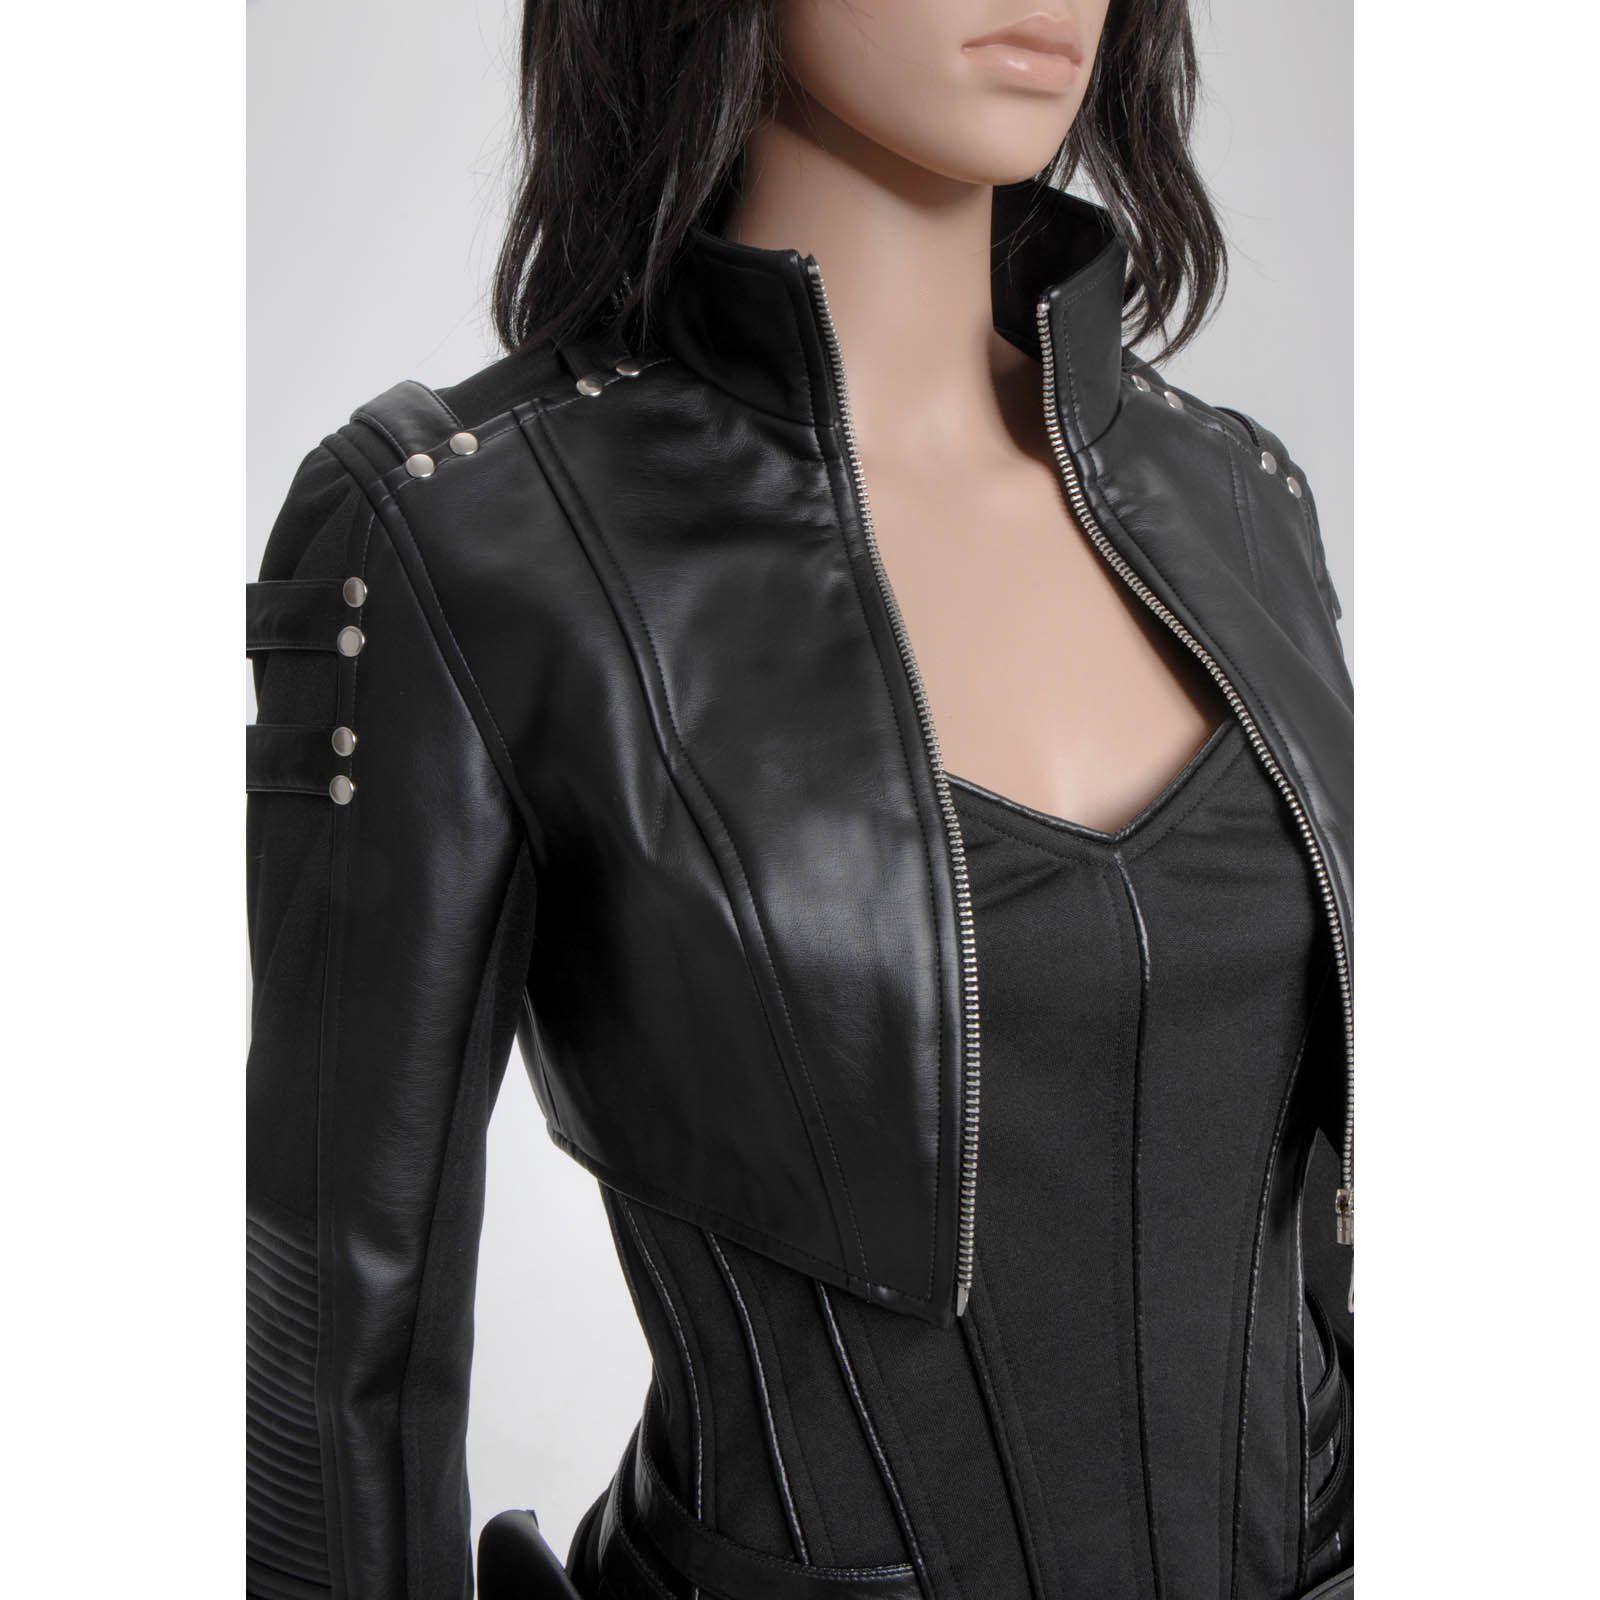 e79f4ff74c79a Leather Jackets Pants Outfit Arrow Black Canary Sara Lance Womens Costume